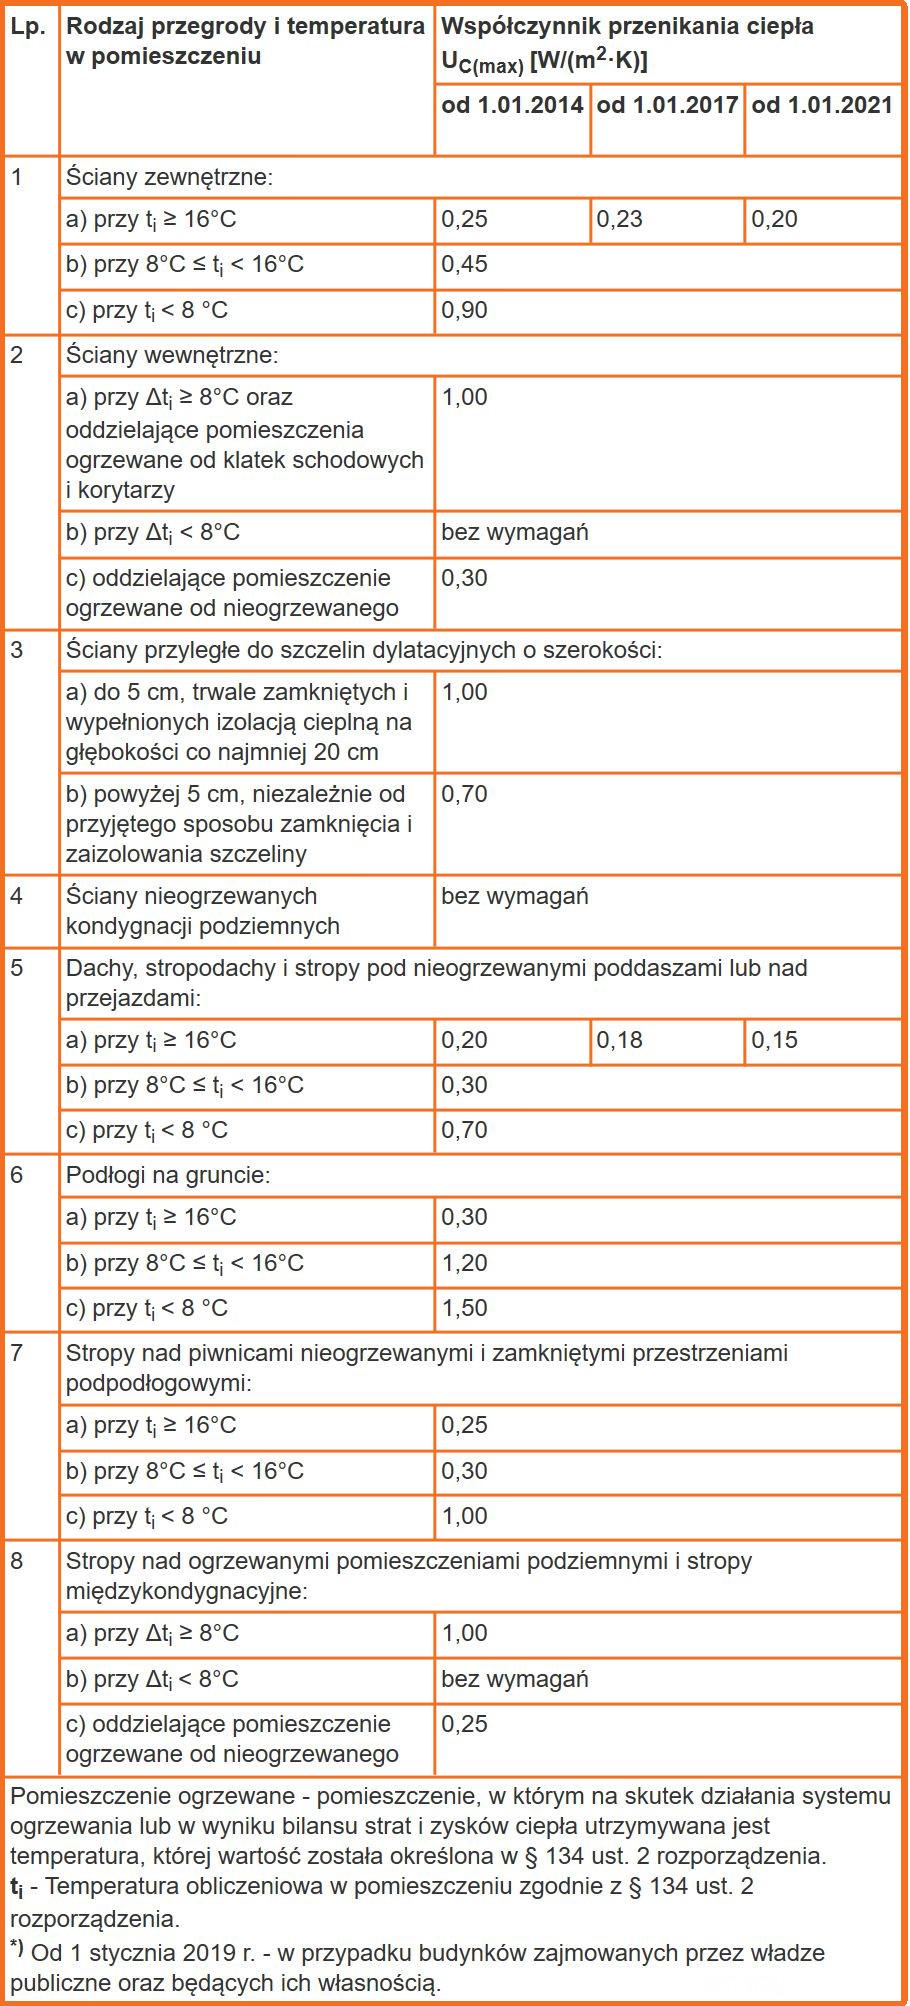 tabela wartości współczynnika przenikania ciepła